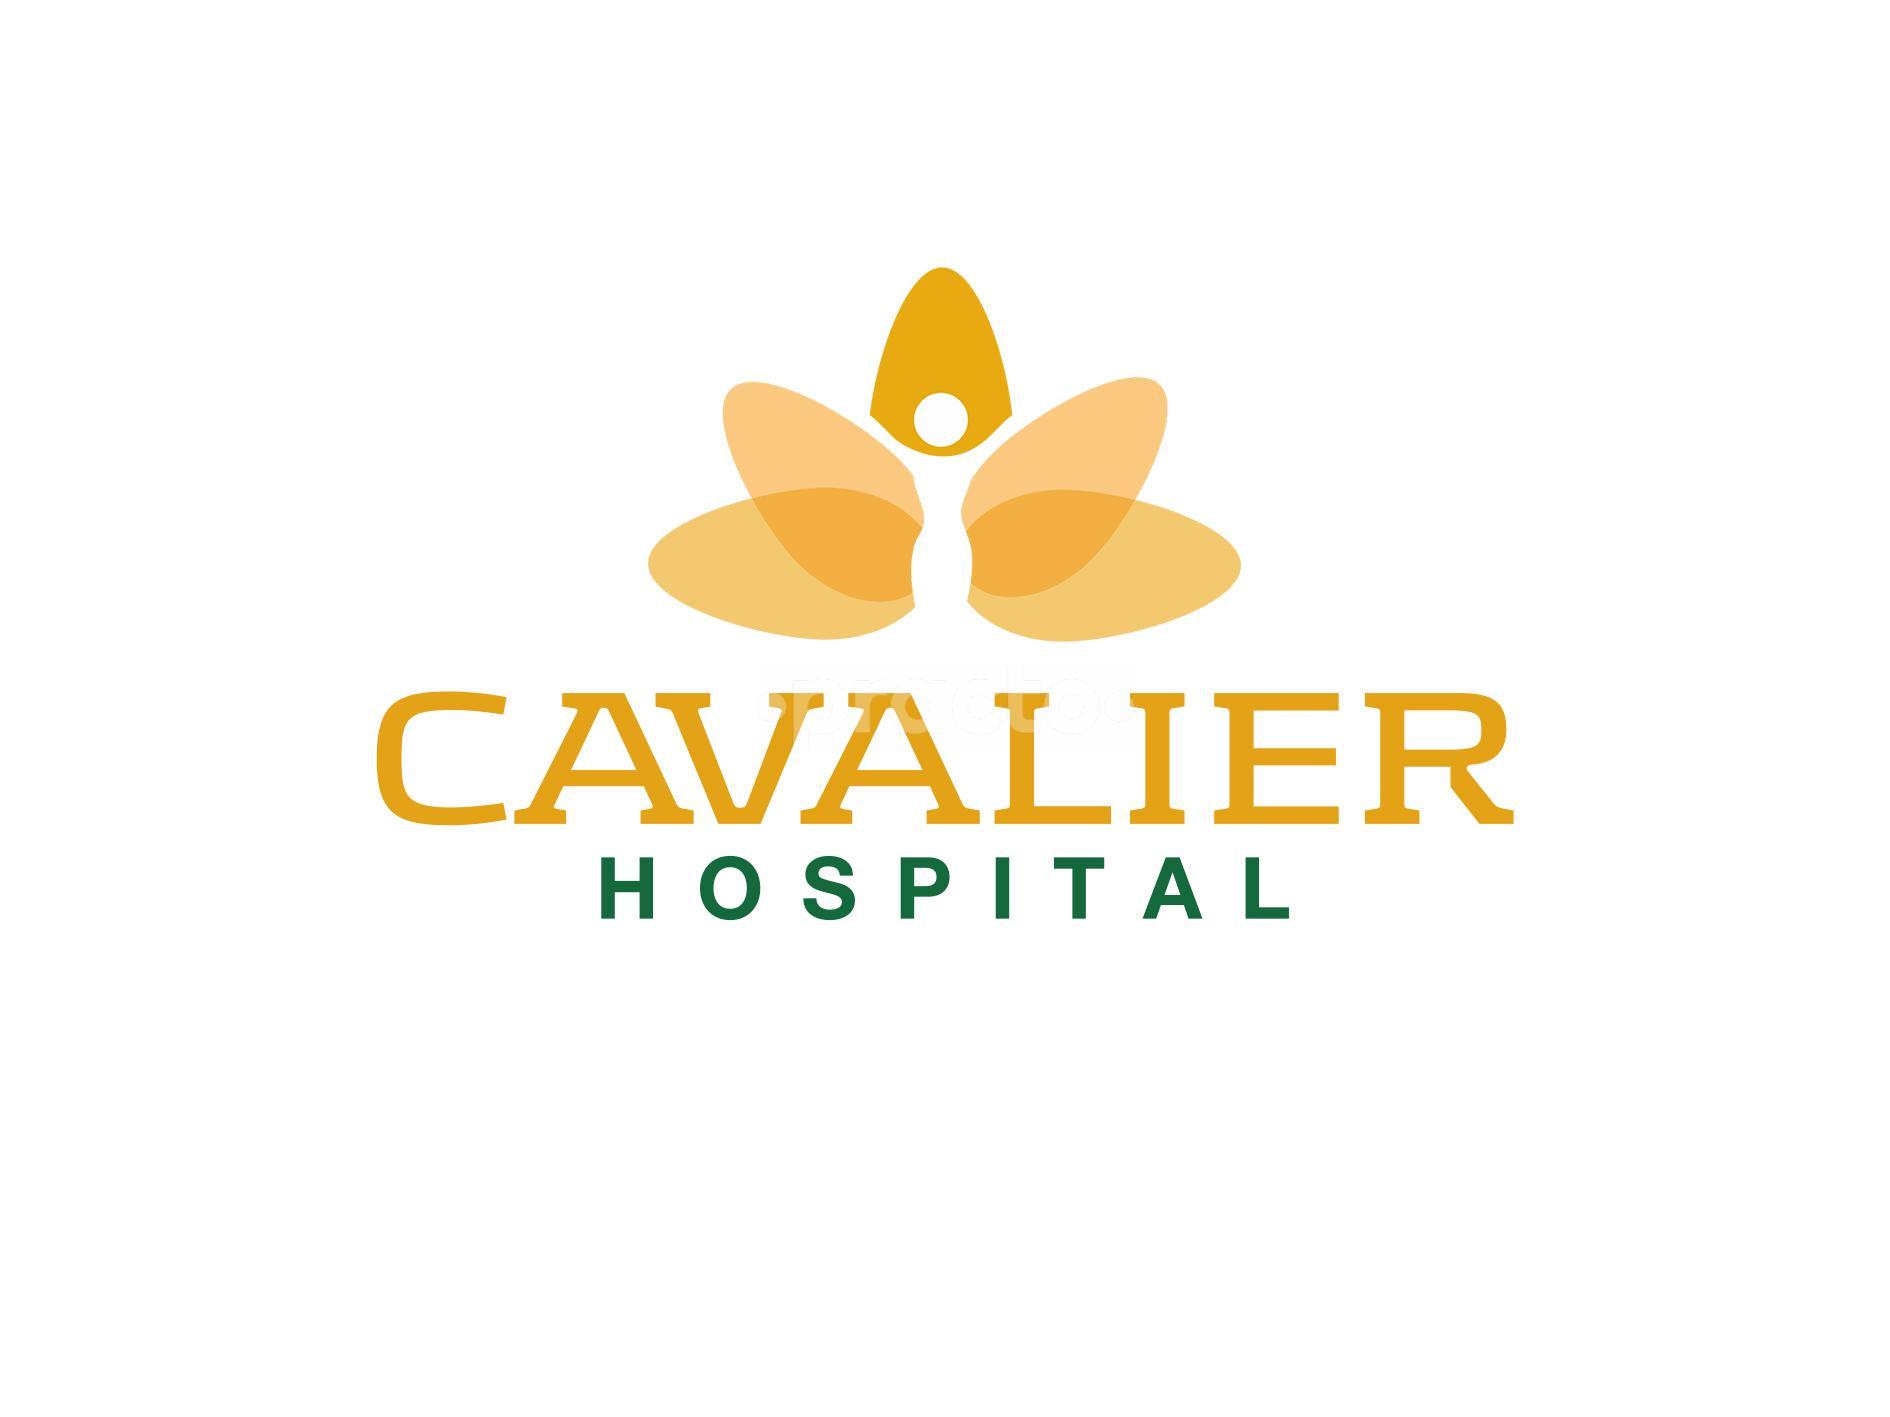 Cavalier Hospital